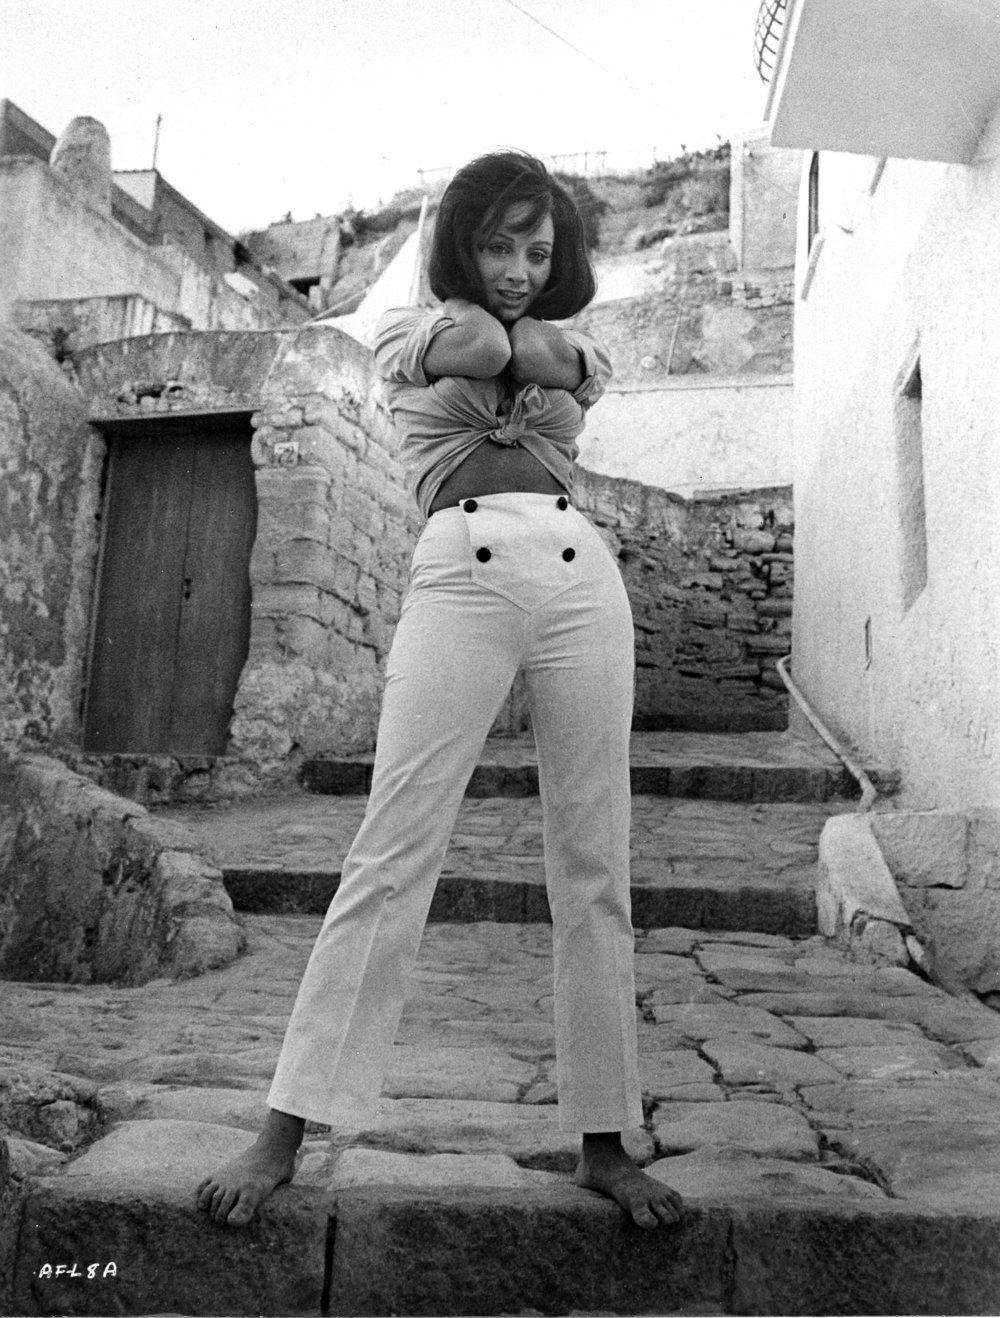 pics Maria Grazia Buccella (born 1940)